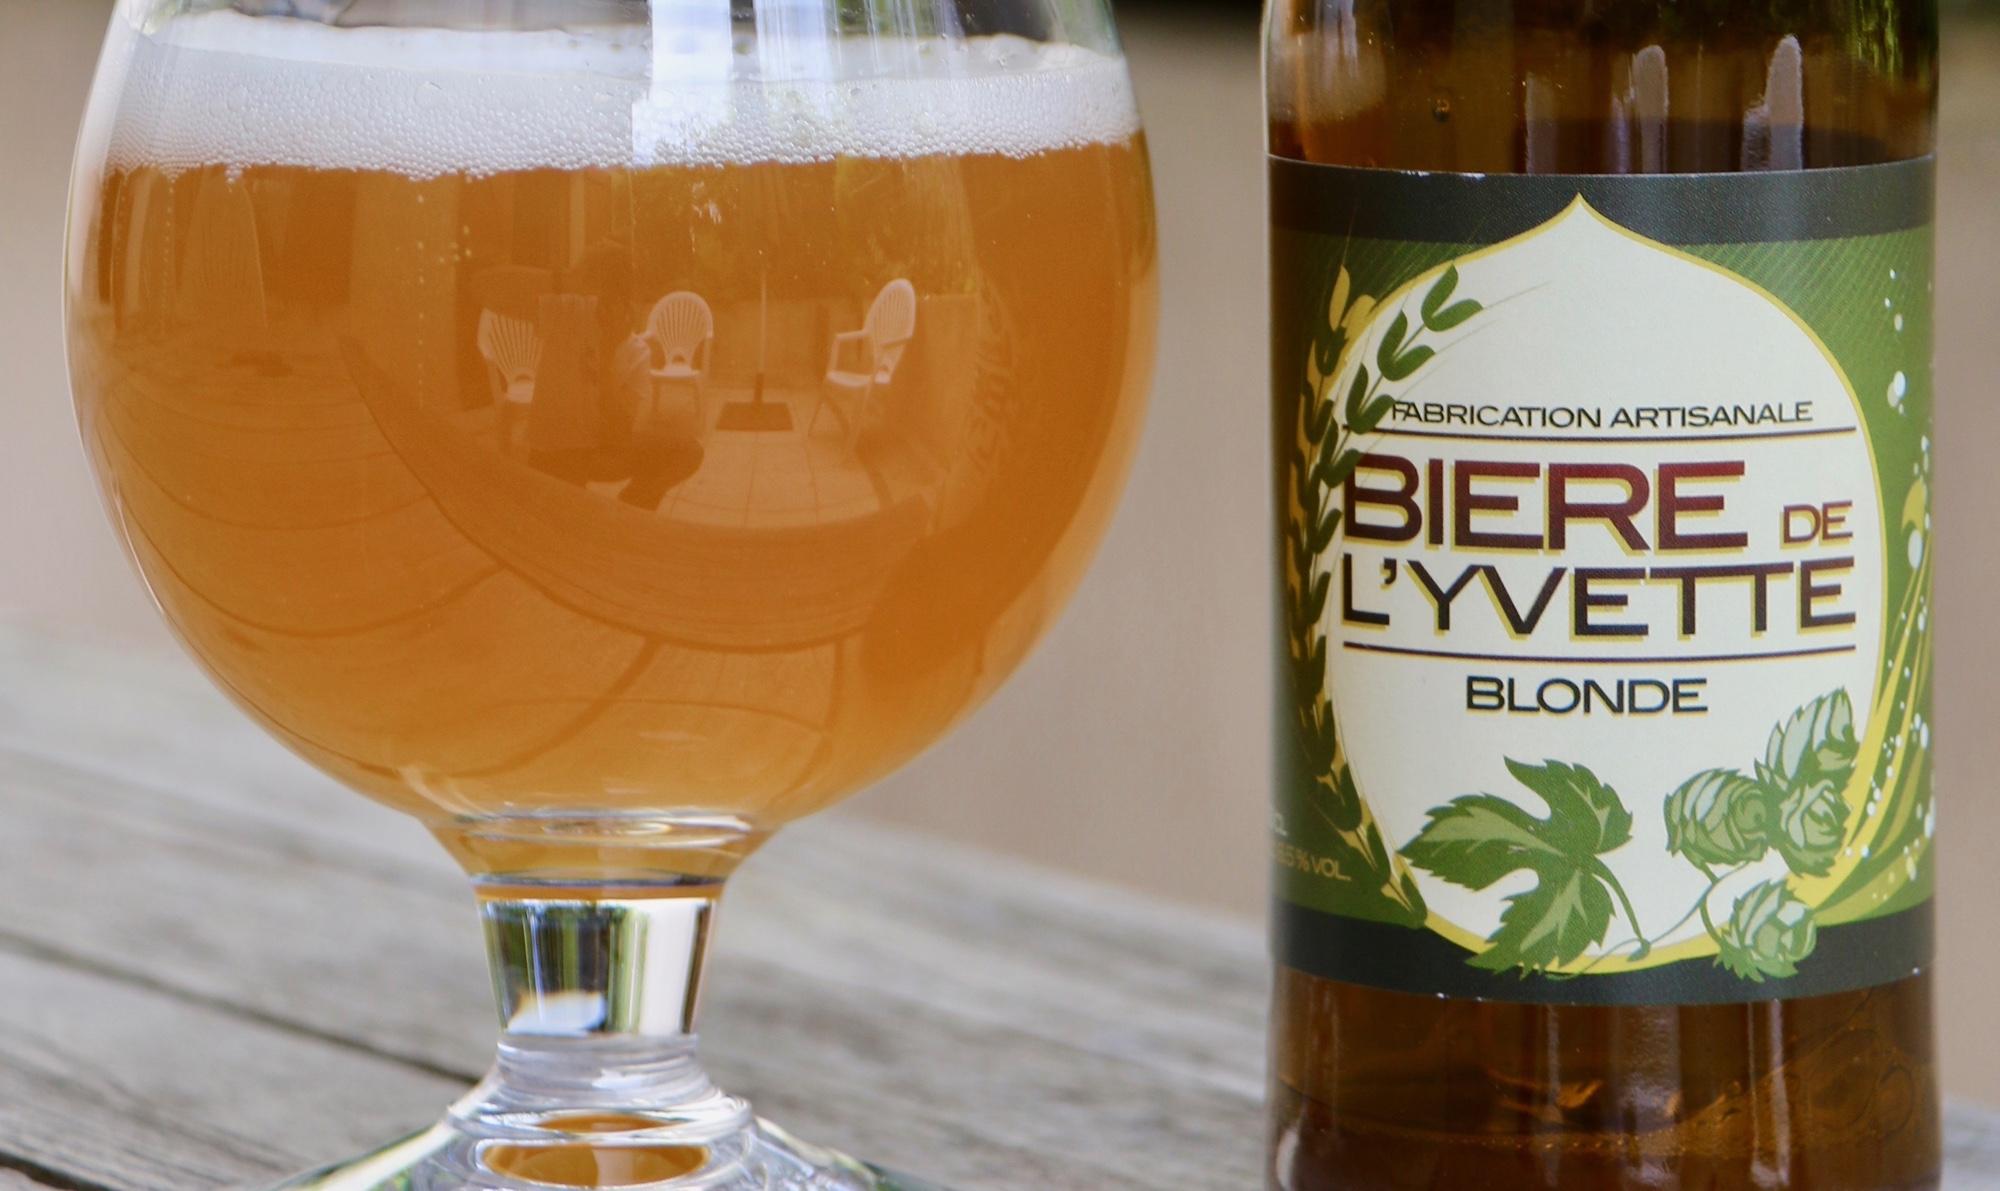 Bière de l'Yvette Blonde